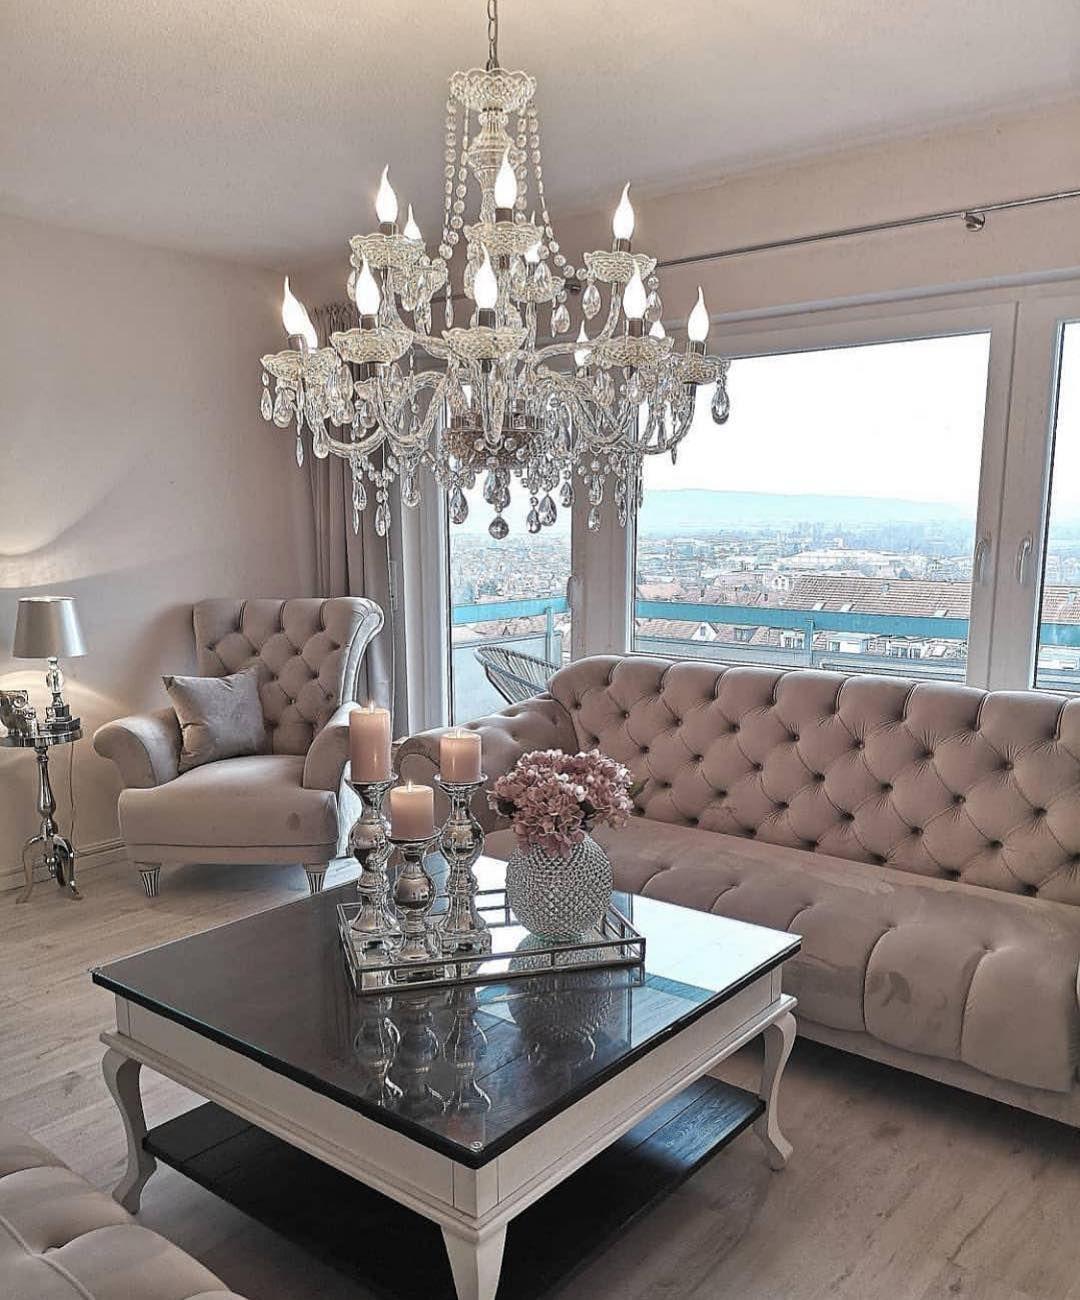 Top 24 Decor Home Design Gda Sk Home Decor Online Home Interior Design Home Decor